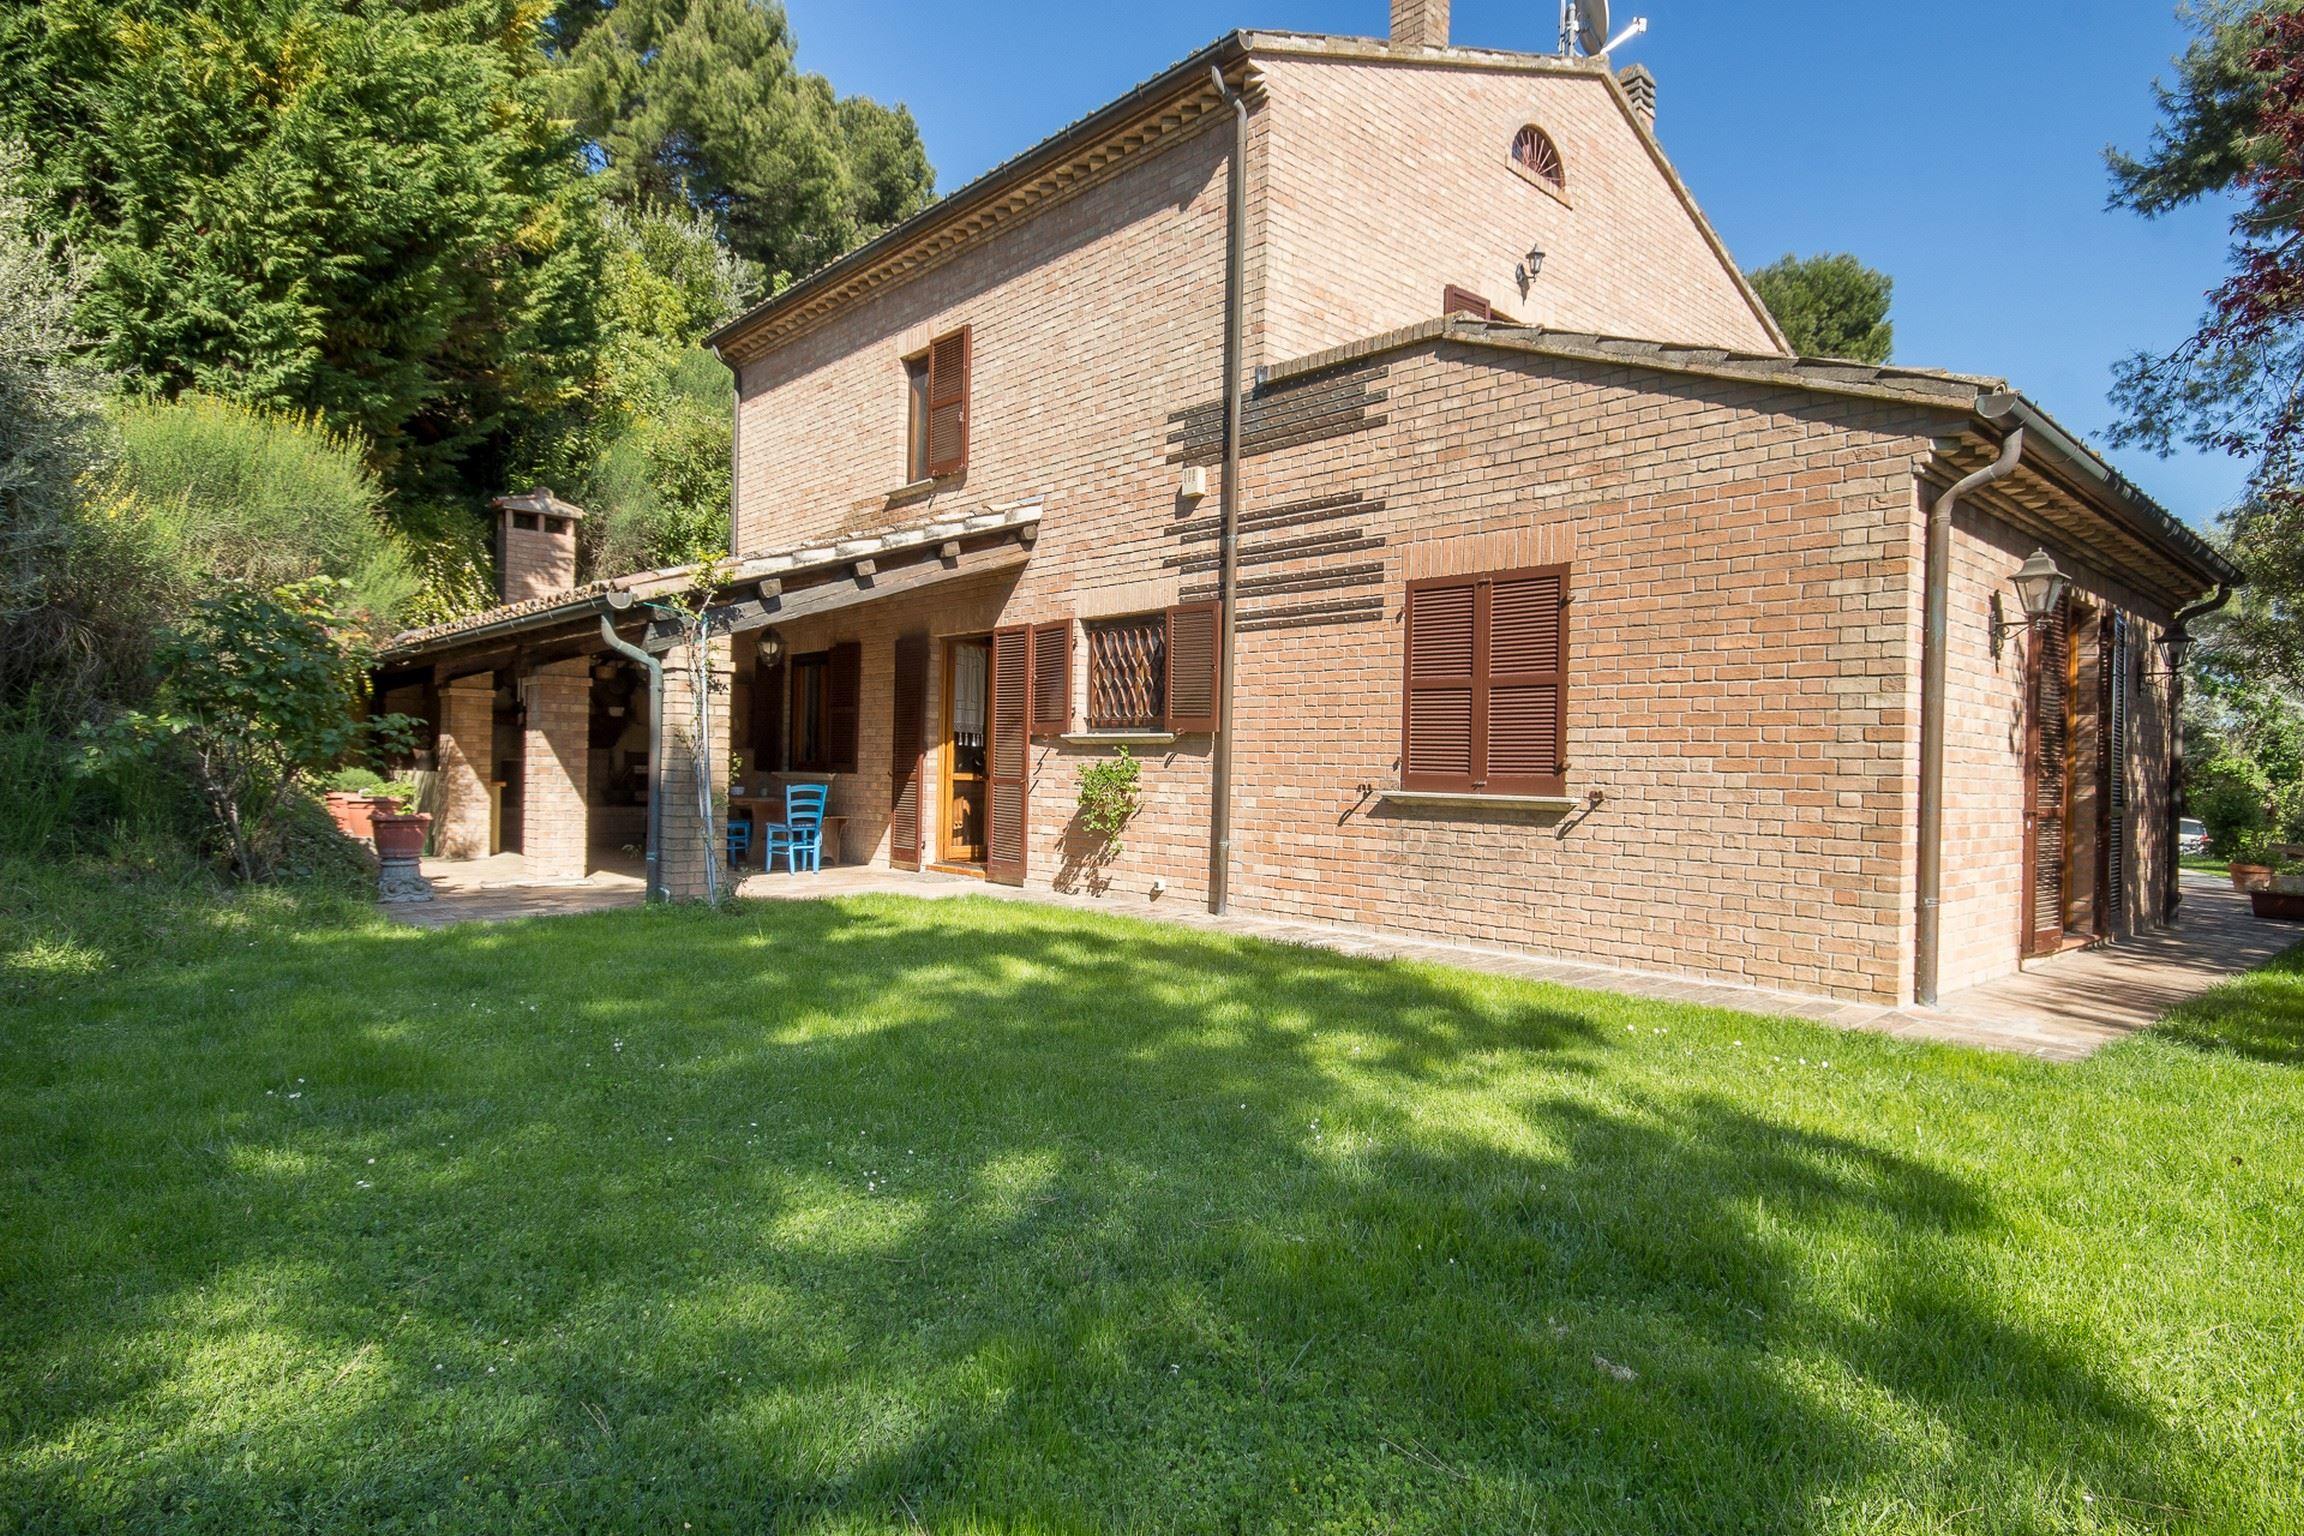 Ferienhaus VILLA MARINA (2195811), Pesaro, Pesaro und Urbino, Marken, Italien, Bild 27